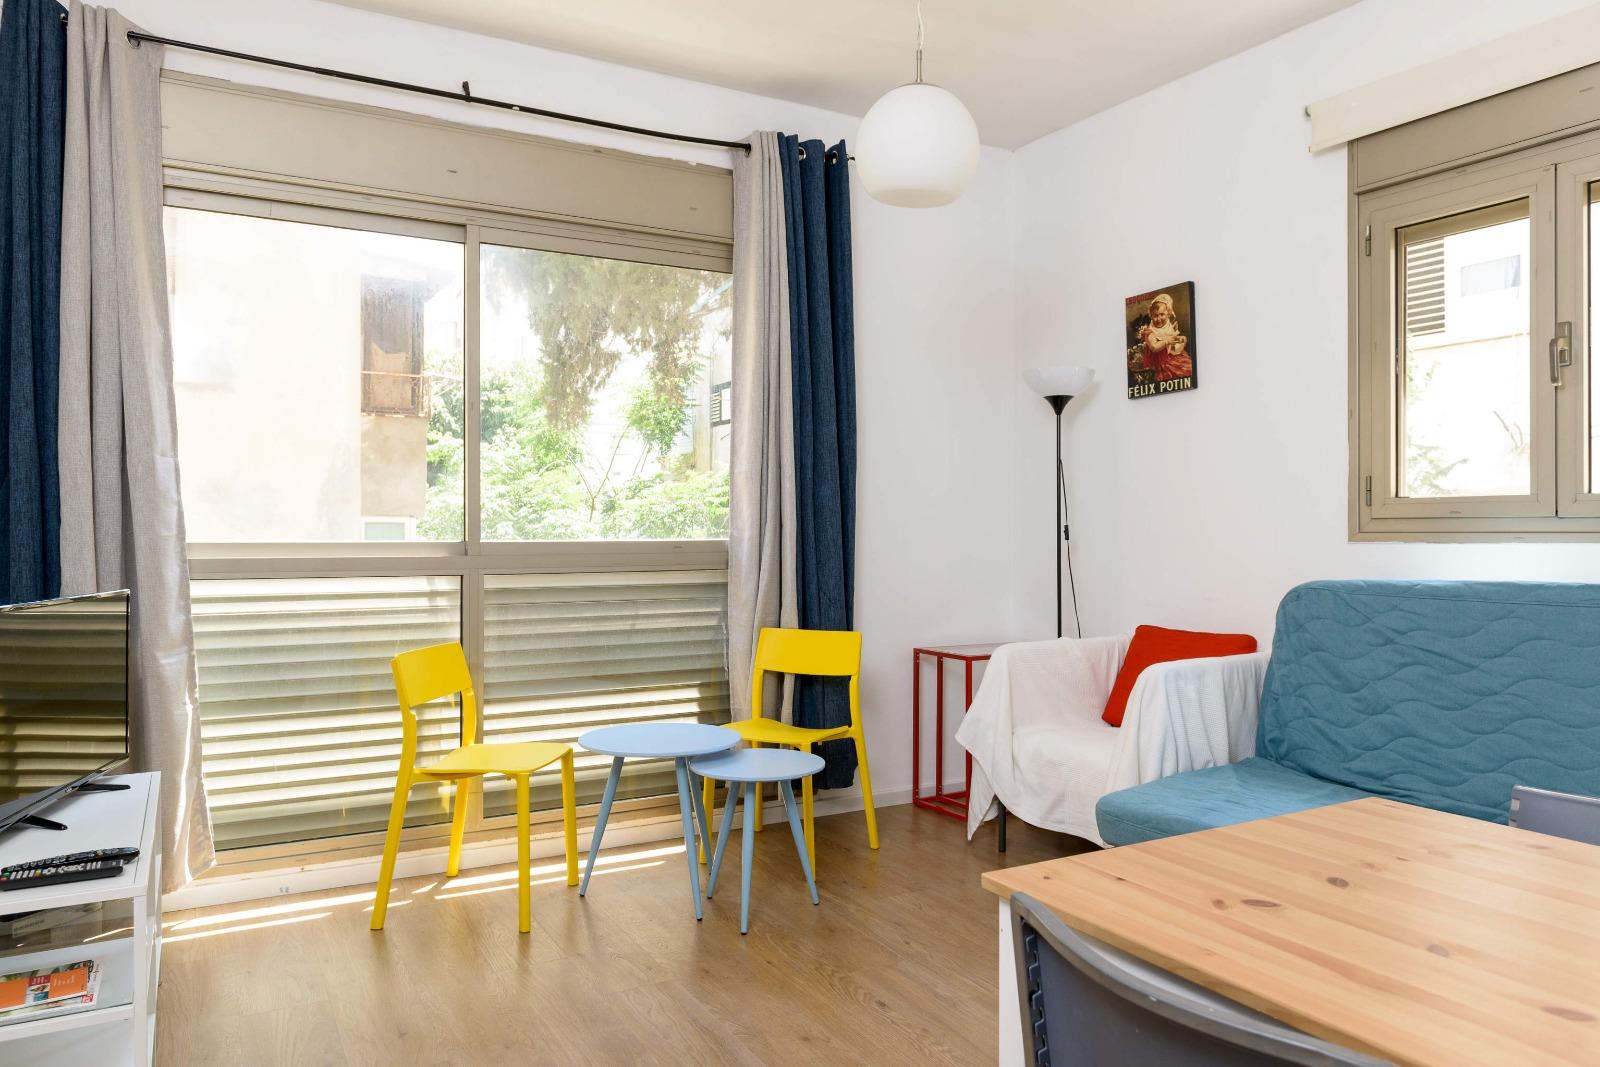 תל אביב דירה להשכרה לתקופה קצרה  2 חדרים !price$ ללילה, תל אביב